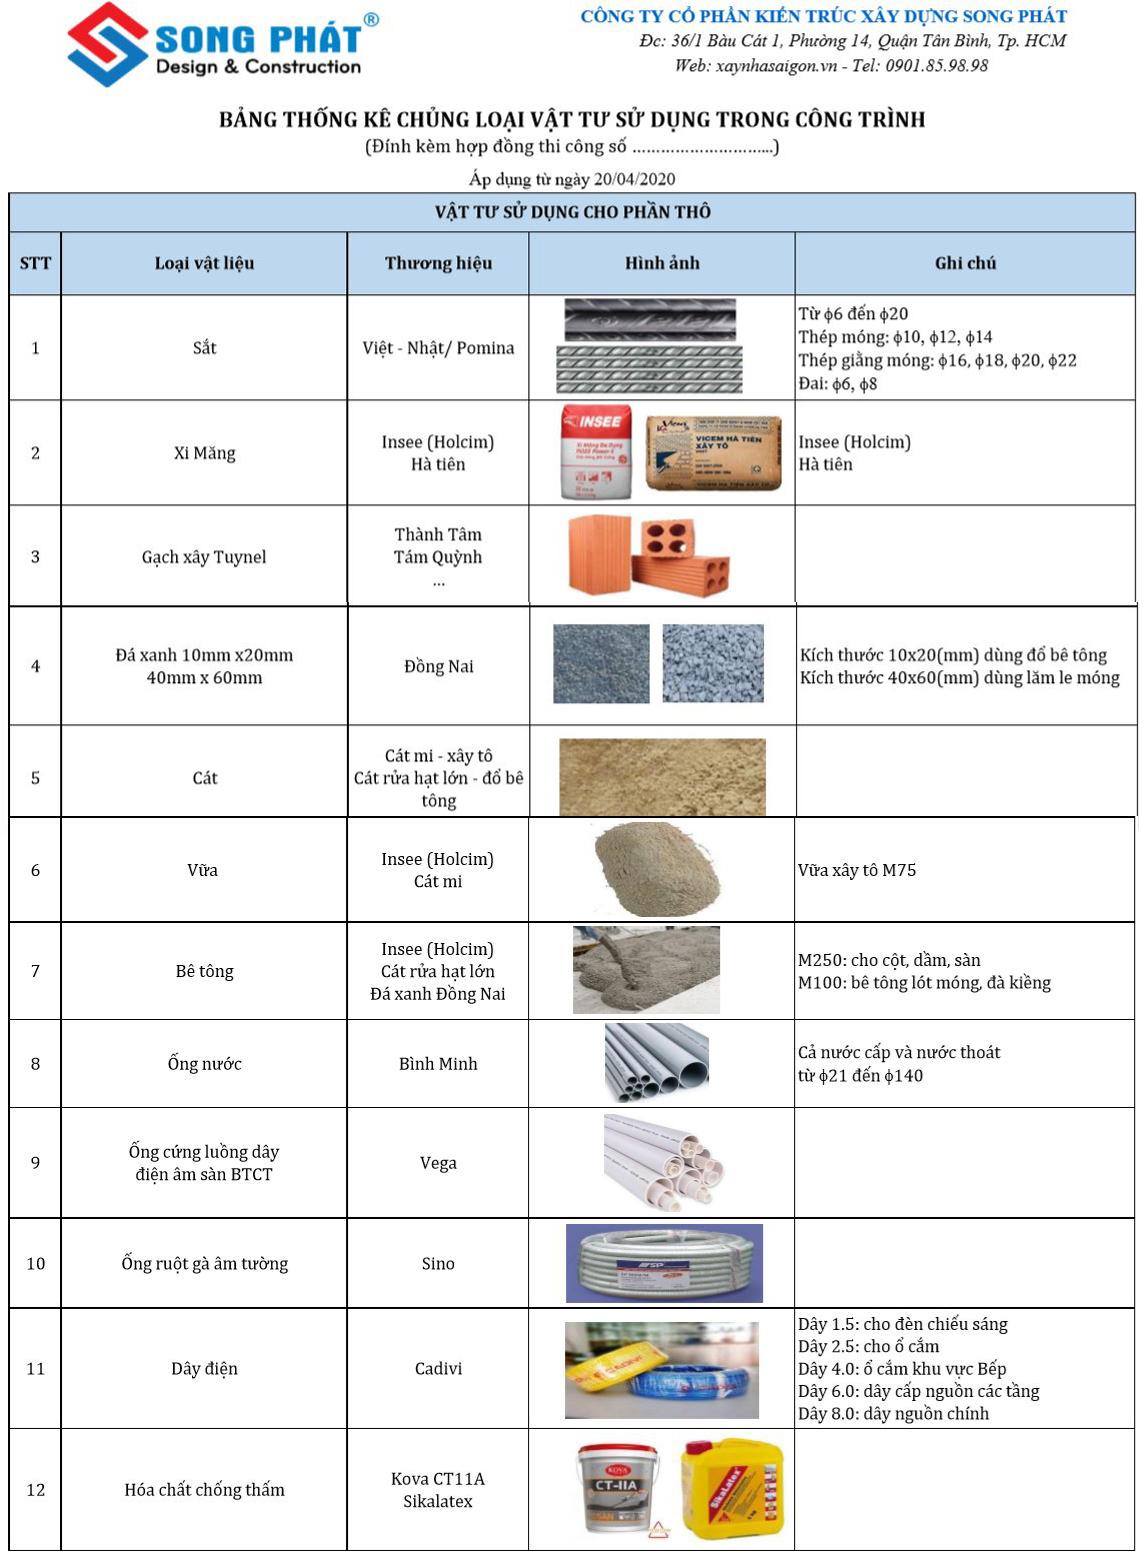 Bảng chủng loại vật tư sử dụng trong xây nhà thô.